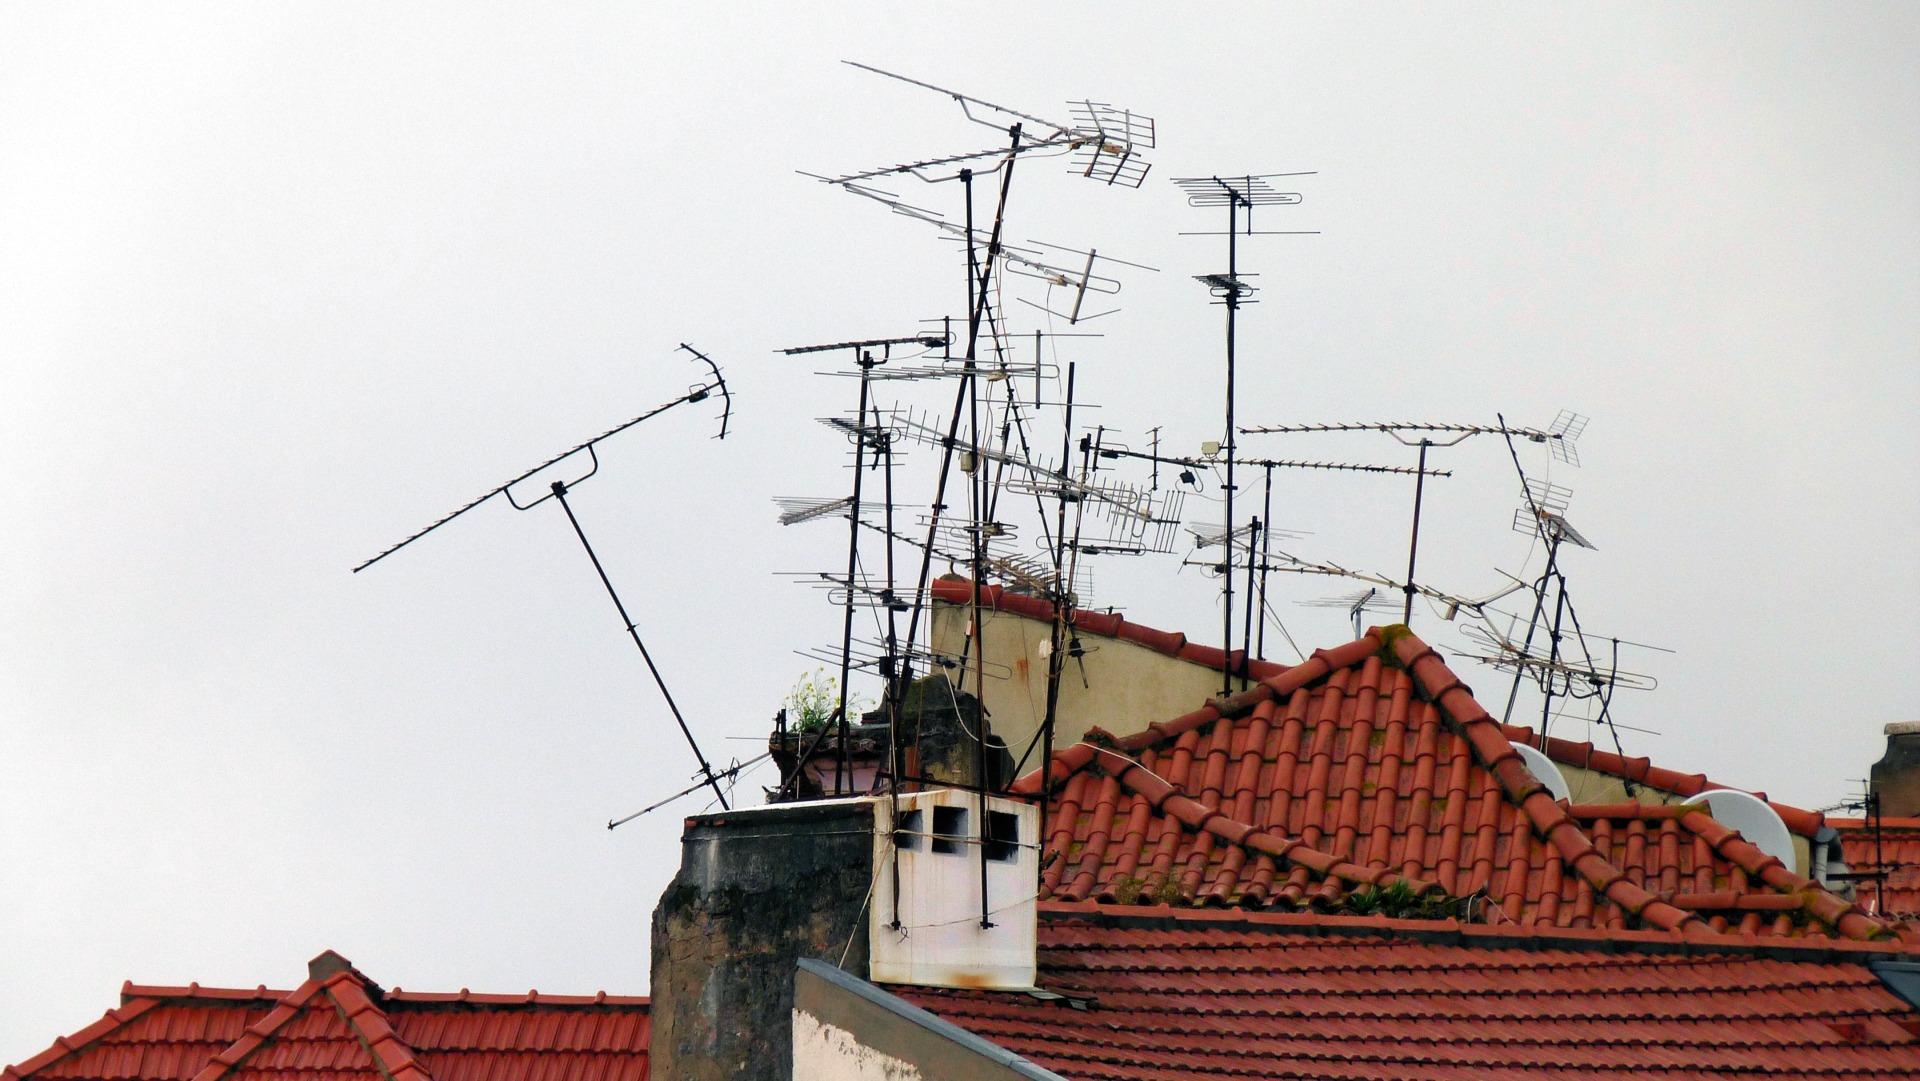 Куда направить антенну для приема цифрового ТВ& Антенна устроена таким образом, что с одного направления сигнал усиливается, а со всех других ослабляется. Сектор приема обычно составляет 10-20 градусов, у очень хороших антенн может быть даже 5 градусов. То есть чем сильнее антенна, тем точнее ее надо направить на источник ТВ сигнала. Если нужна мощная антенна, она должна быть длинной